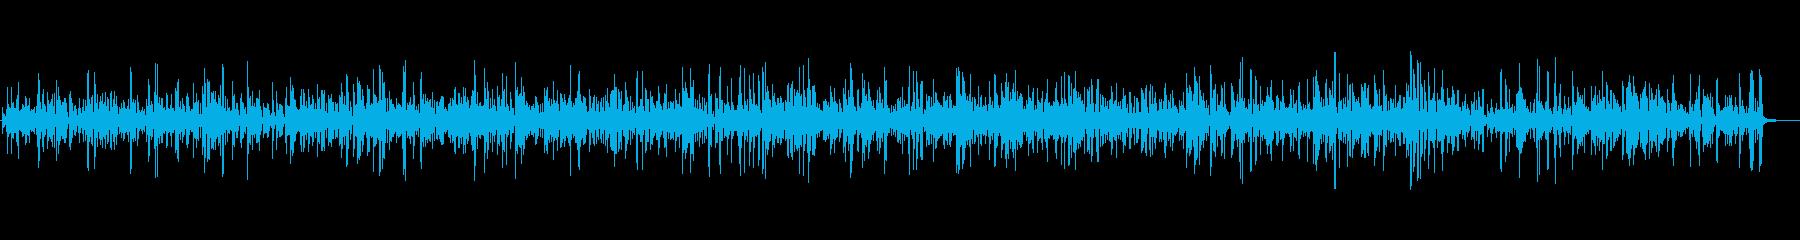 ゆったり癒しのカフェジャズBGMの再生済みの波形